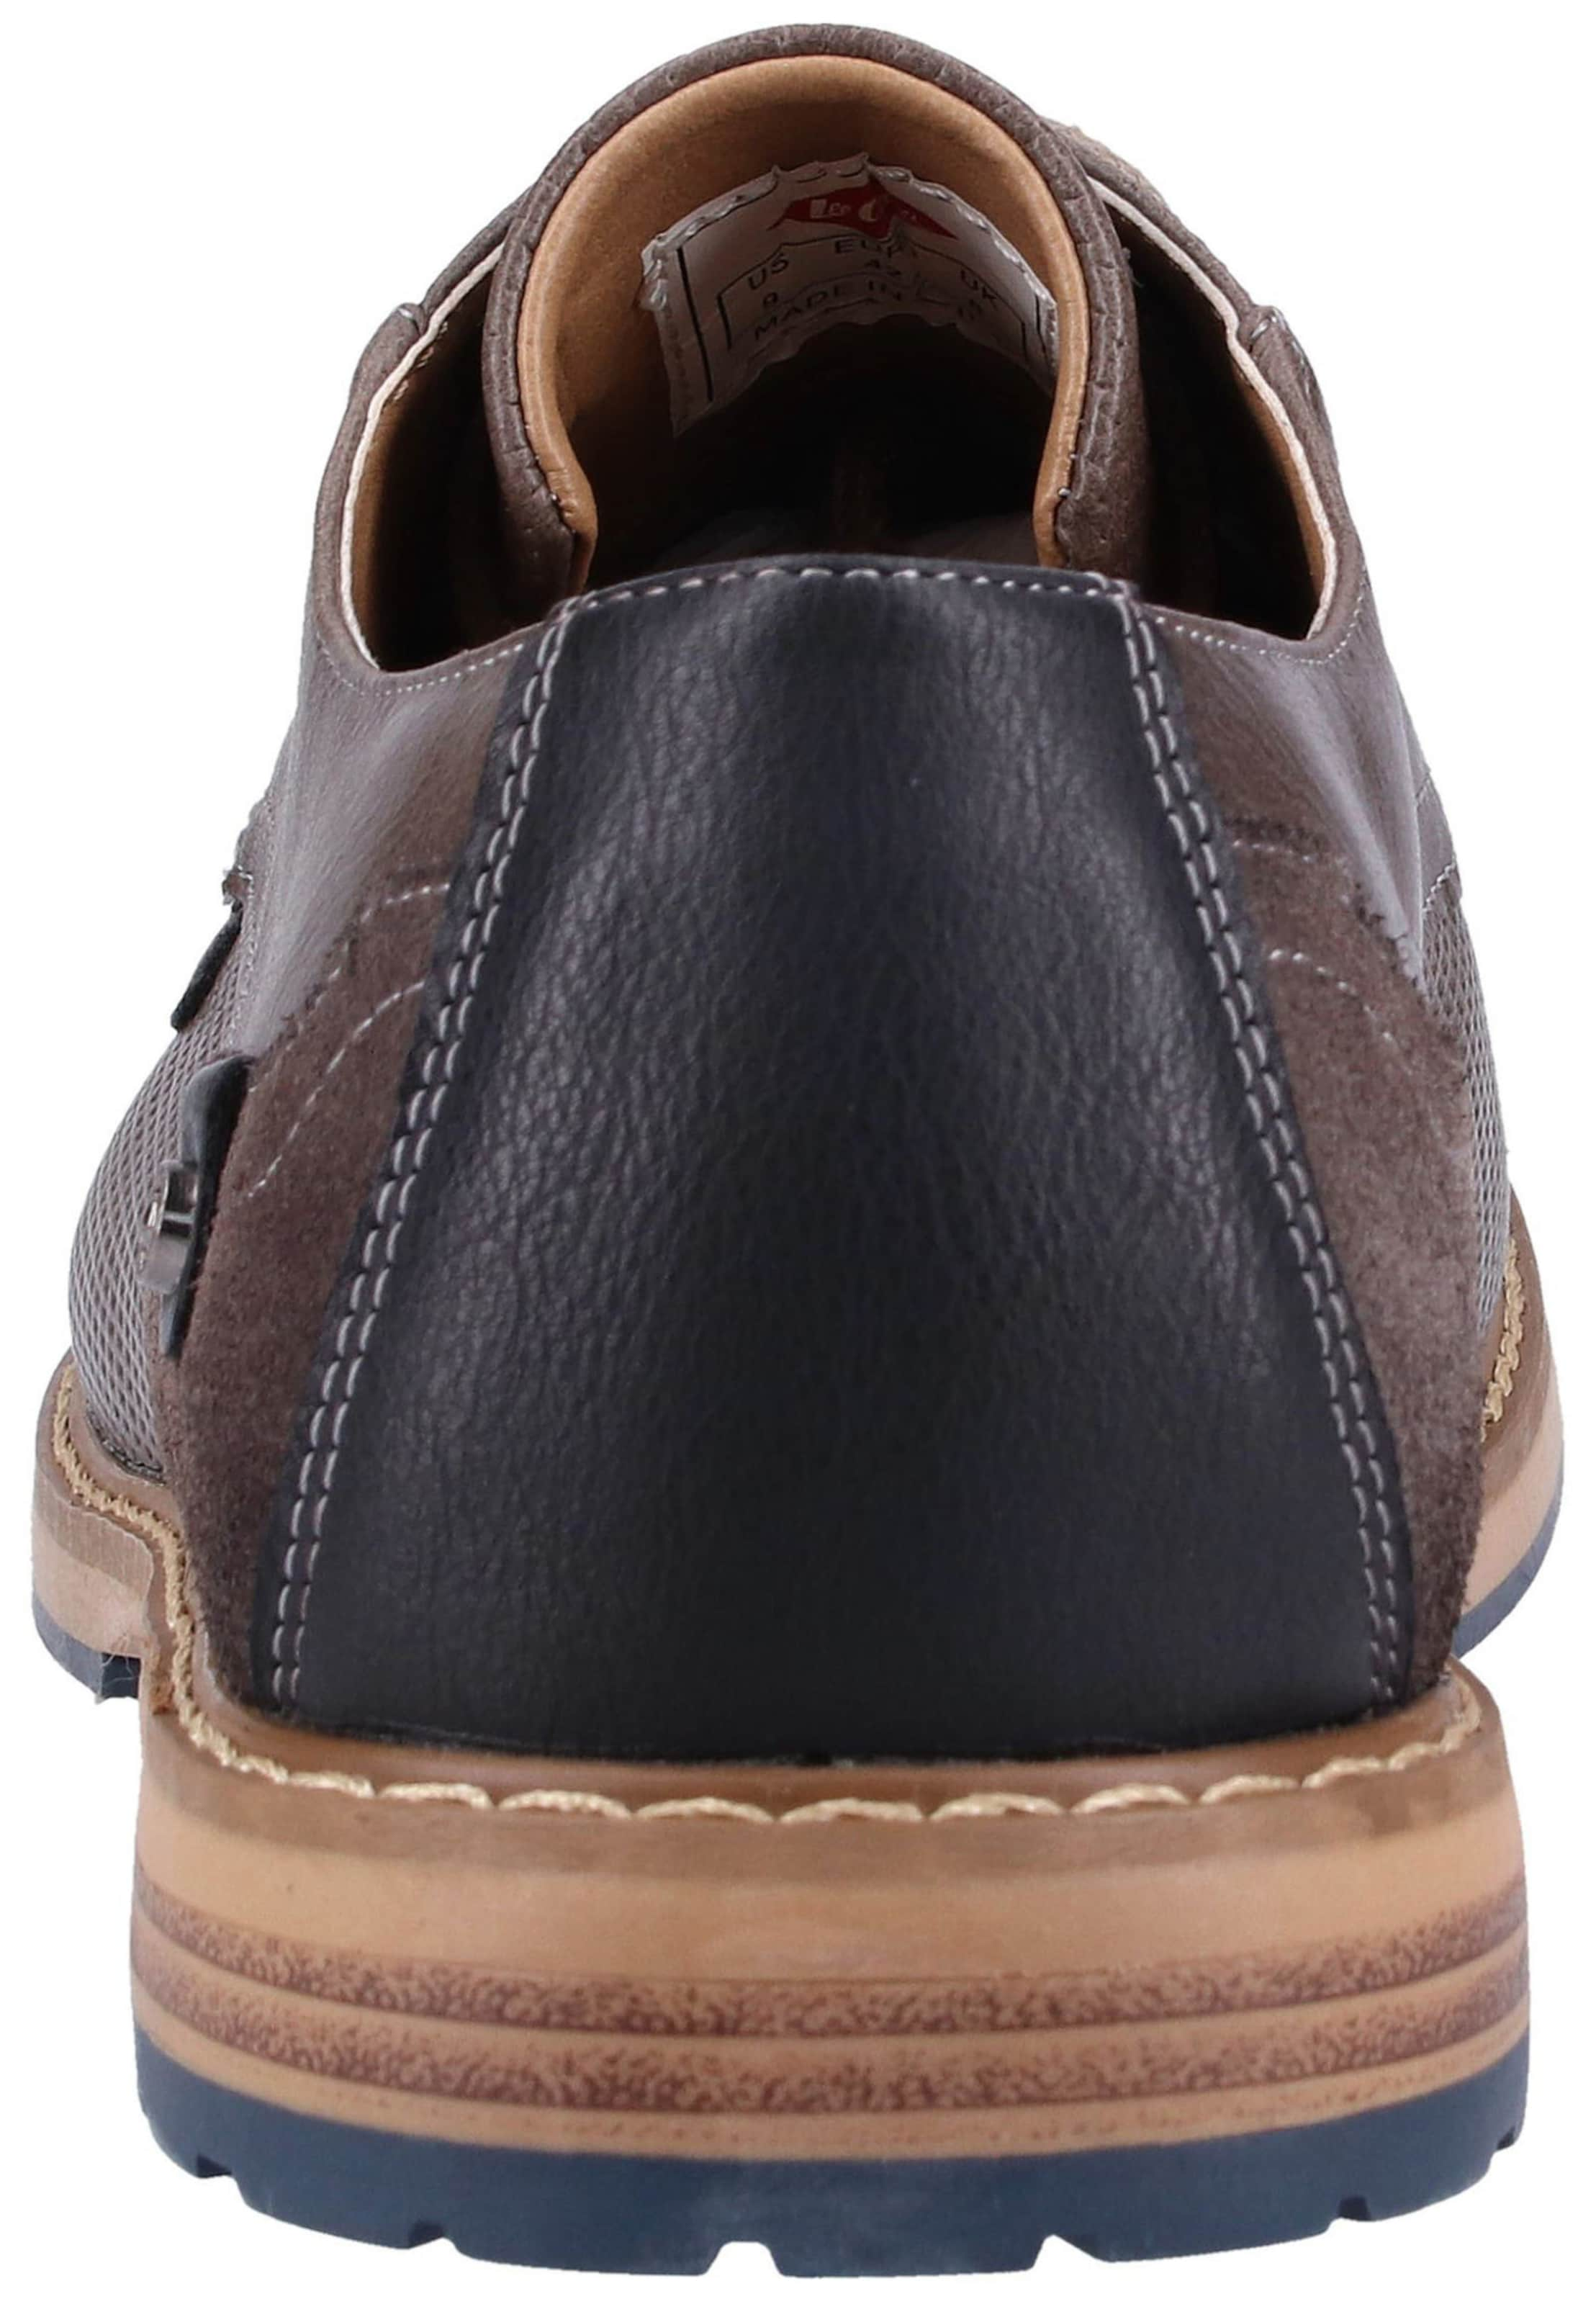 Lee Bleu Chaussure À En Cooper Lacets FoncéTaupe POZukXiT